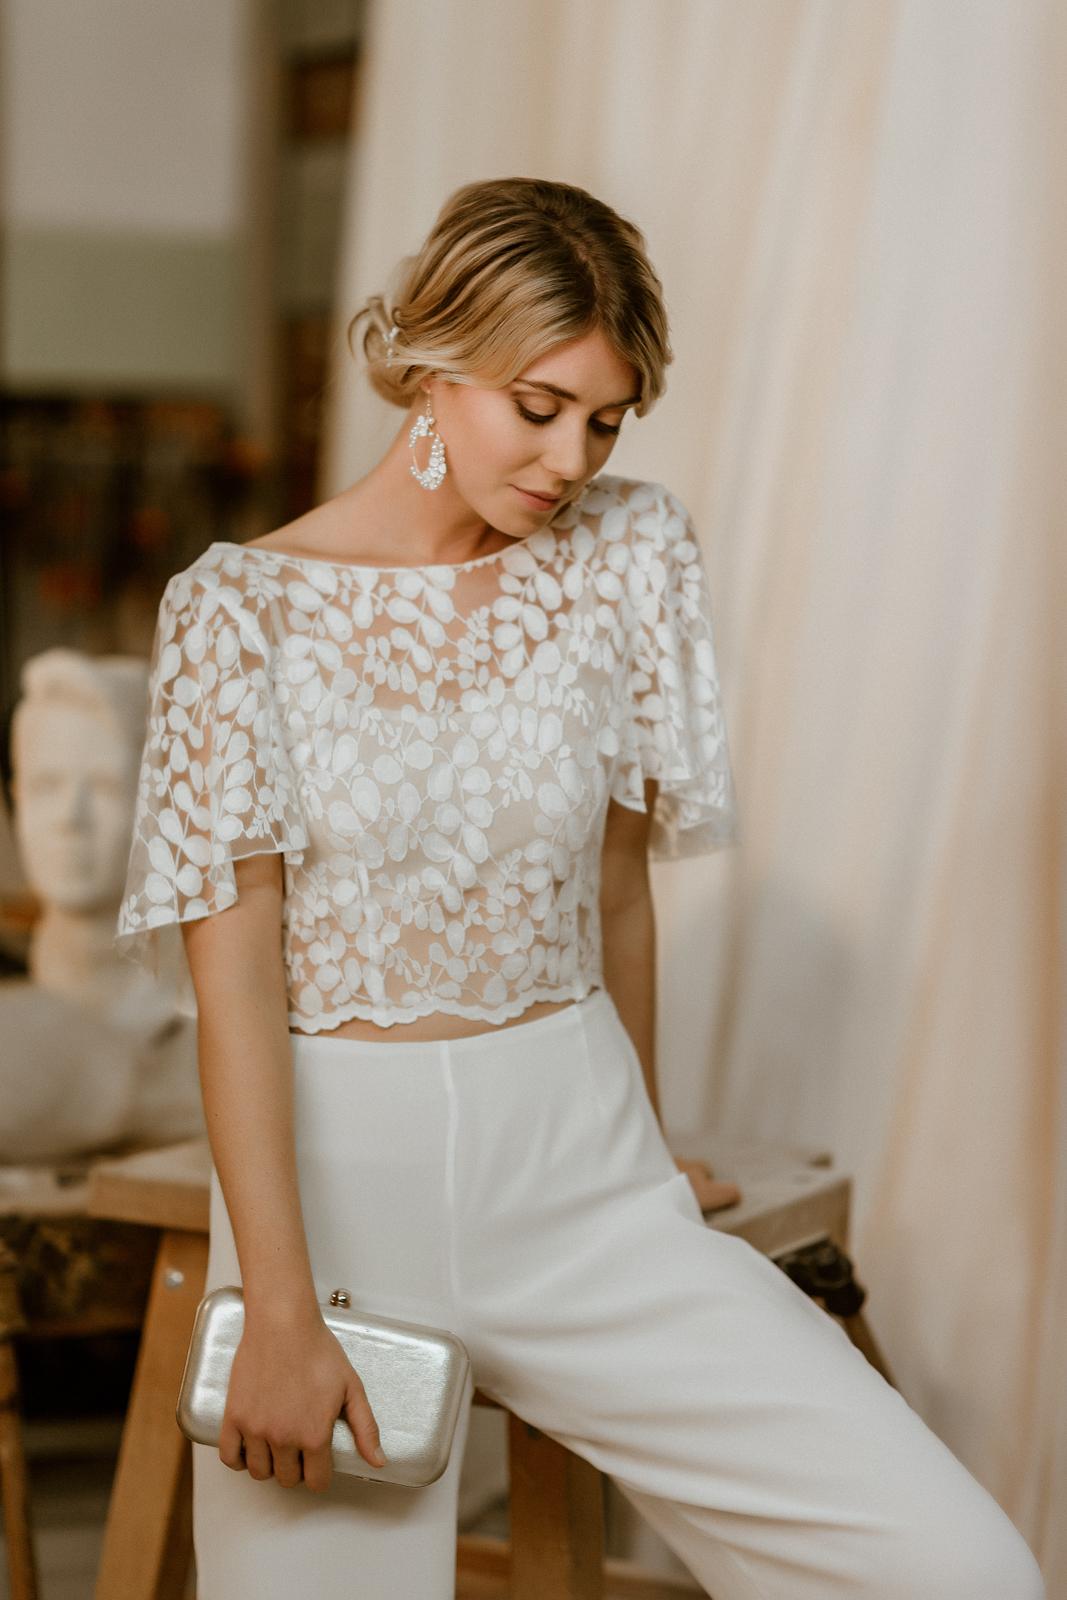 Kurzes Brauttop mit Flügelärmeln und Hose für zweiteiligen Hosenanzug, Ganzkörperbild, Frontalansicht